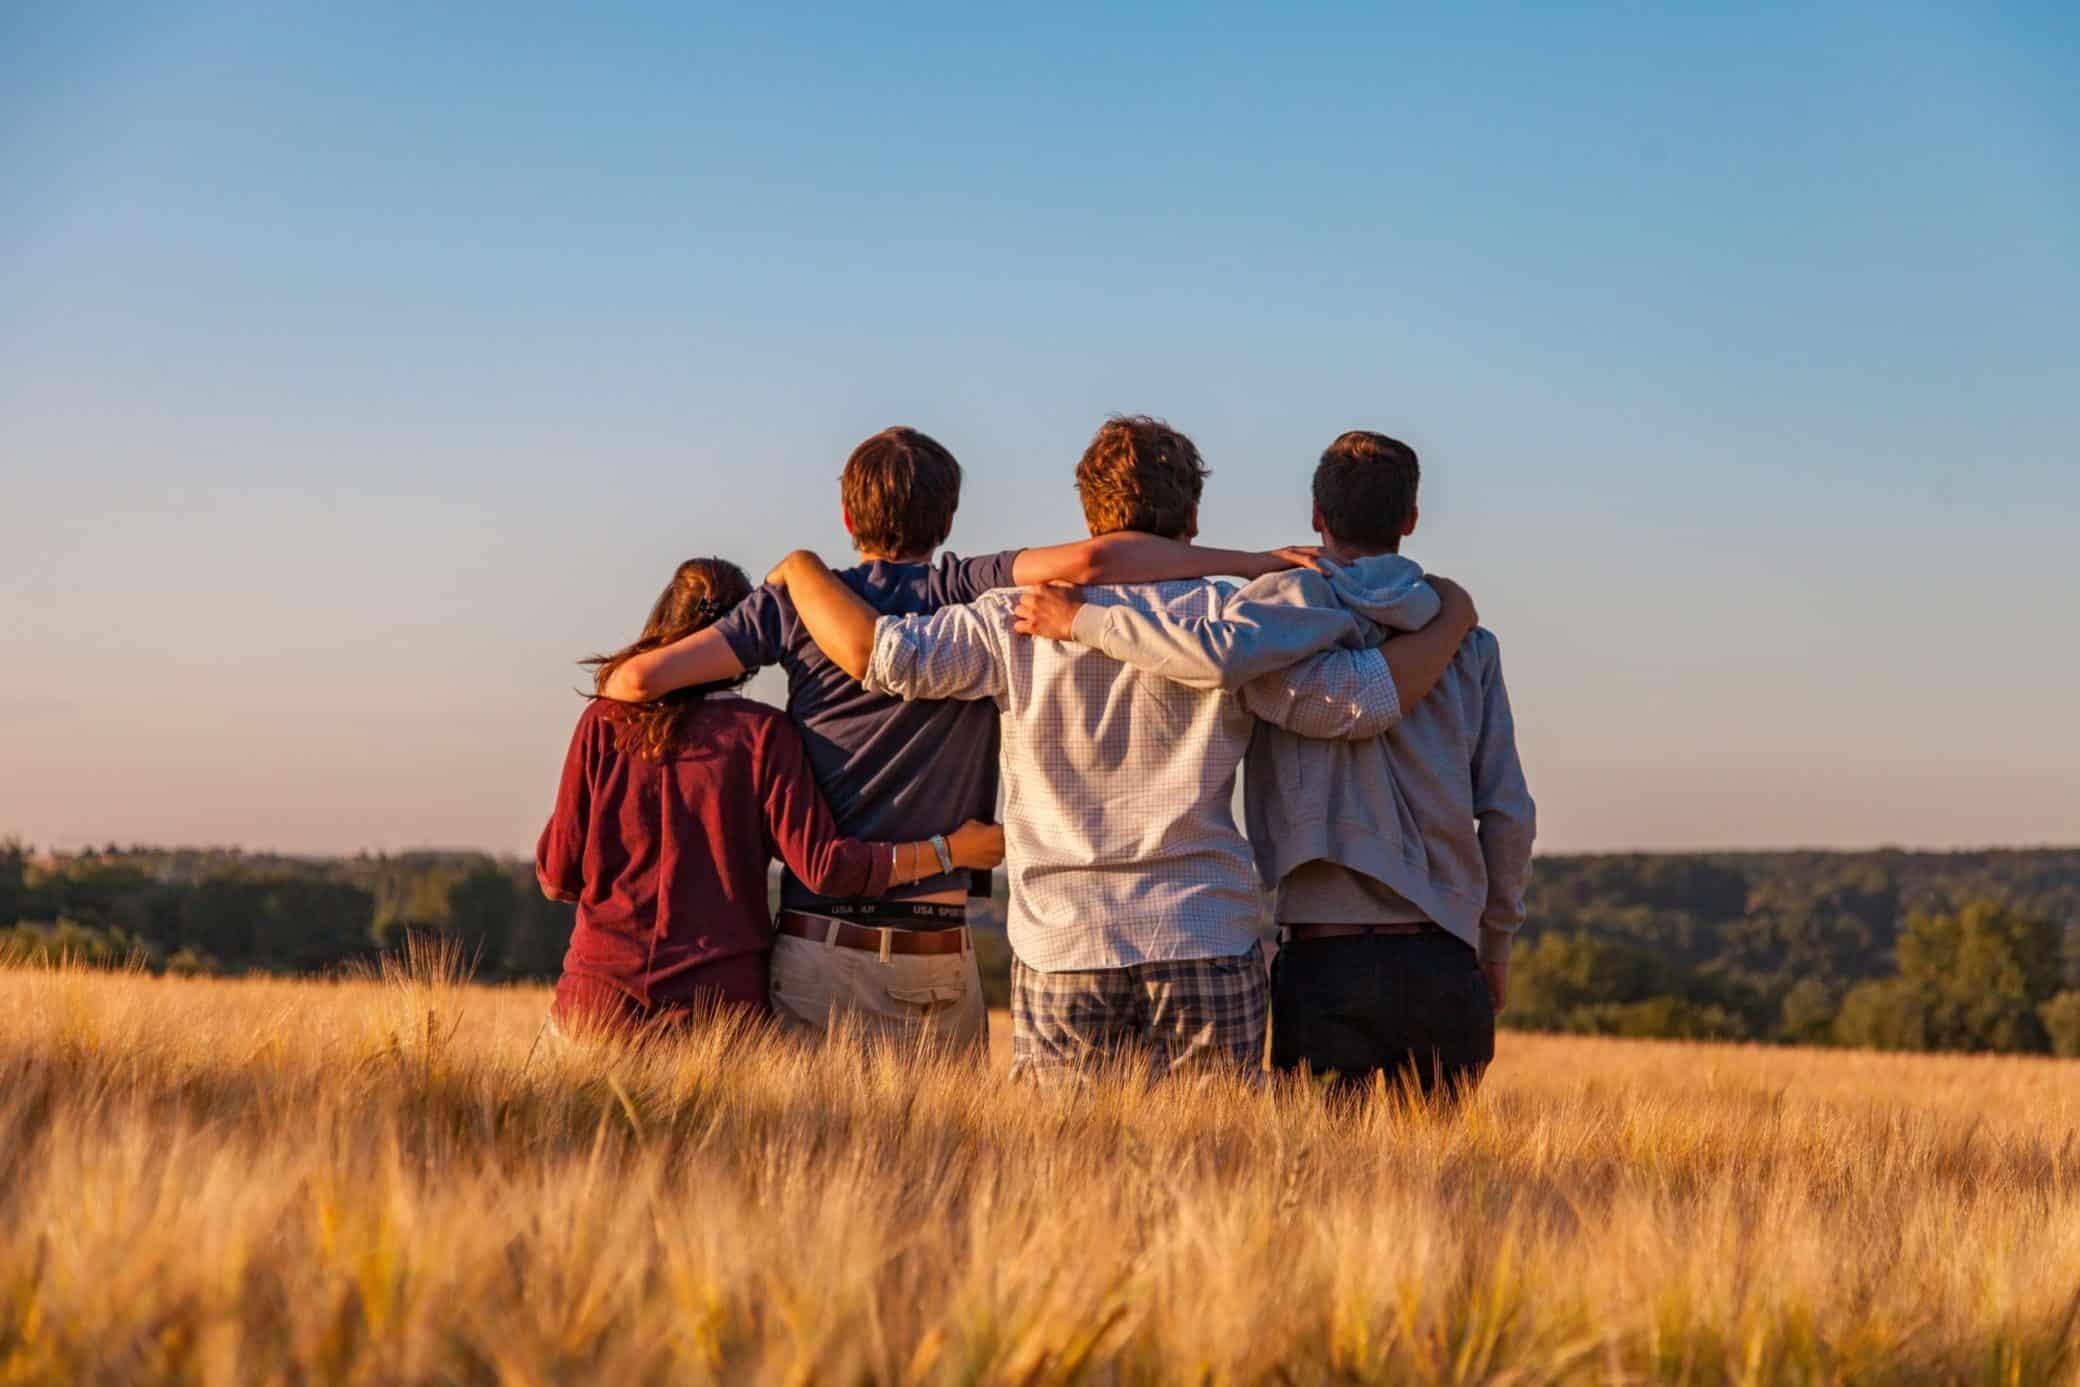 grupo de amigos abrançando na planicie de trigo por do sol o que fazer na quarentena